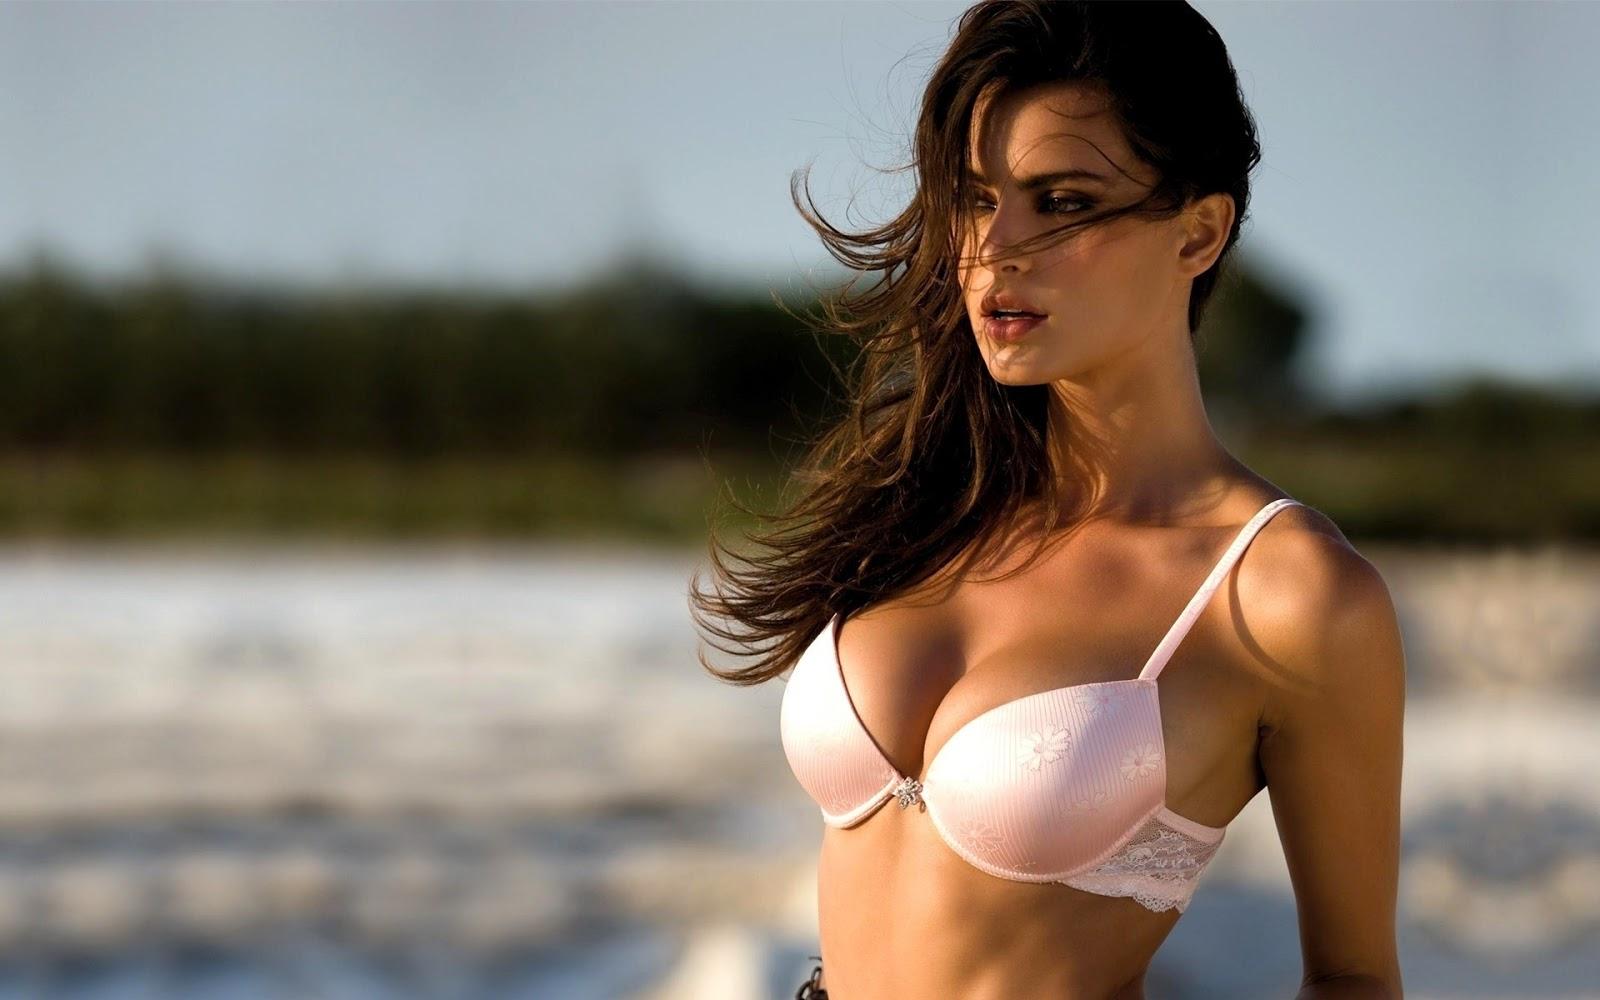 супер фото женской груди девицы